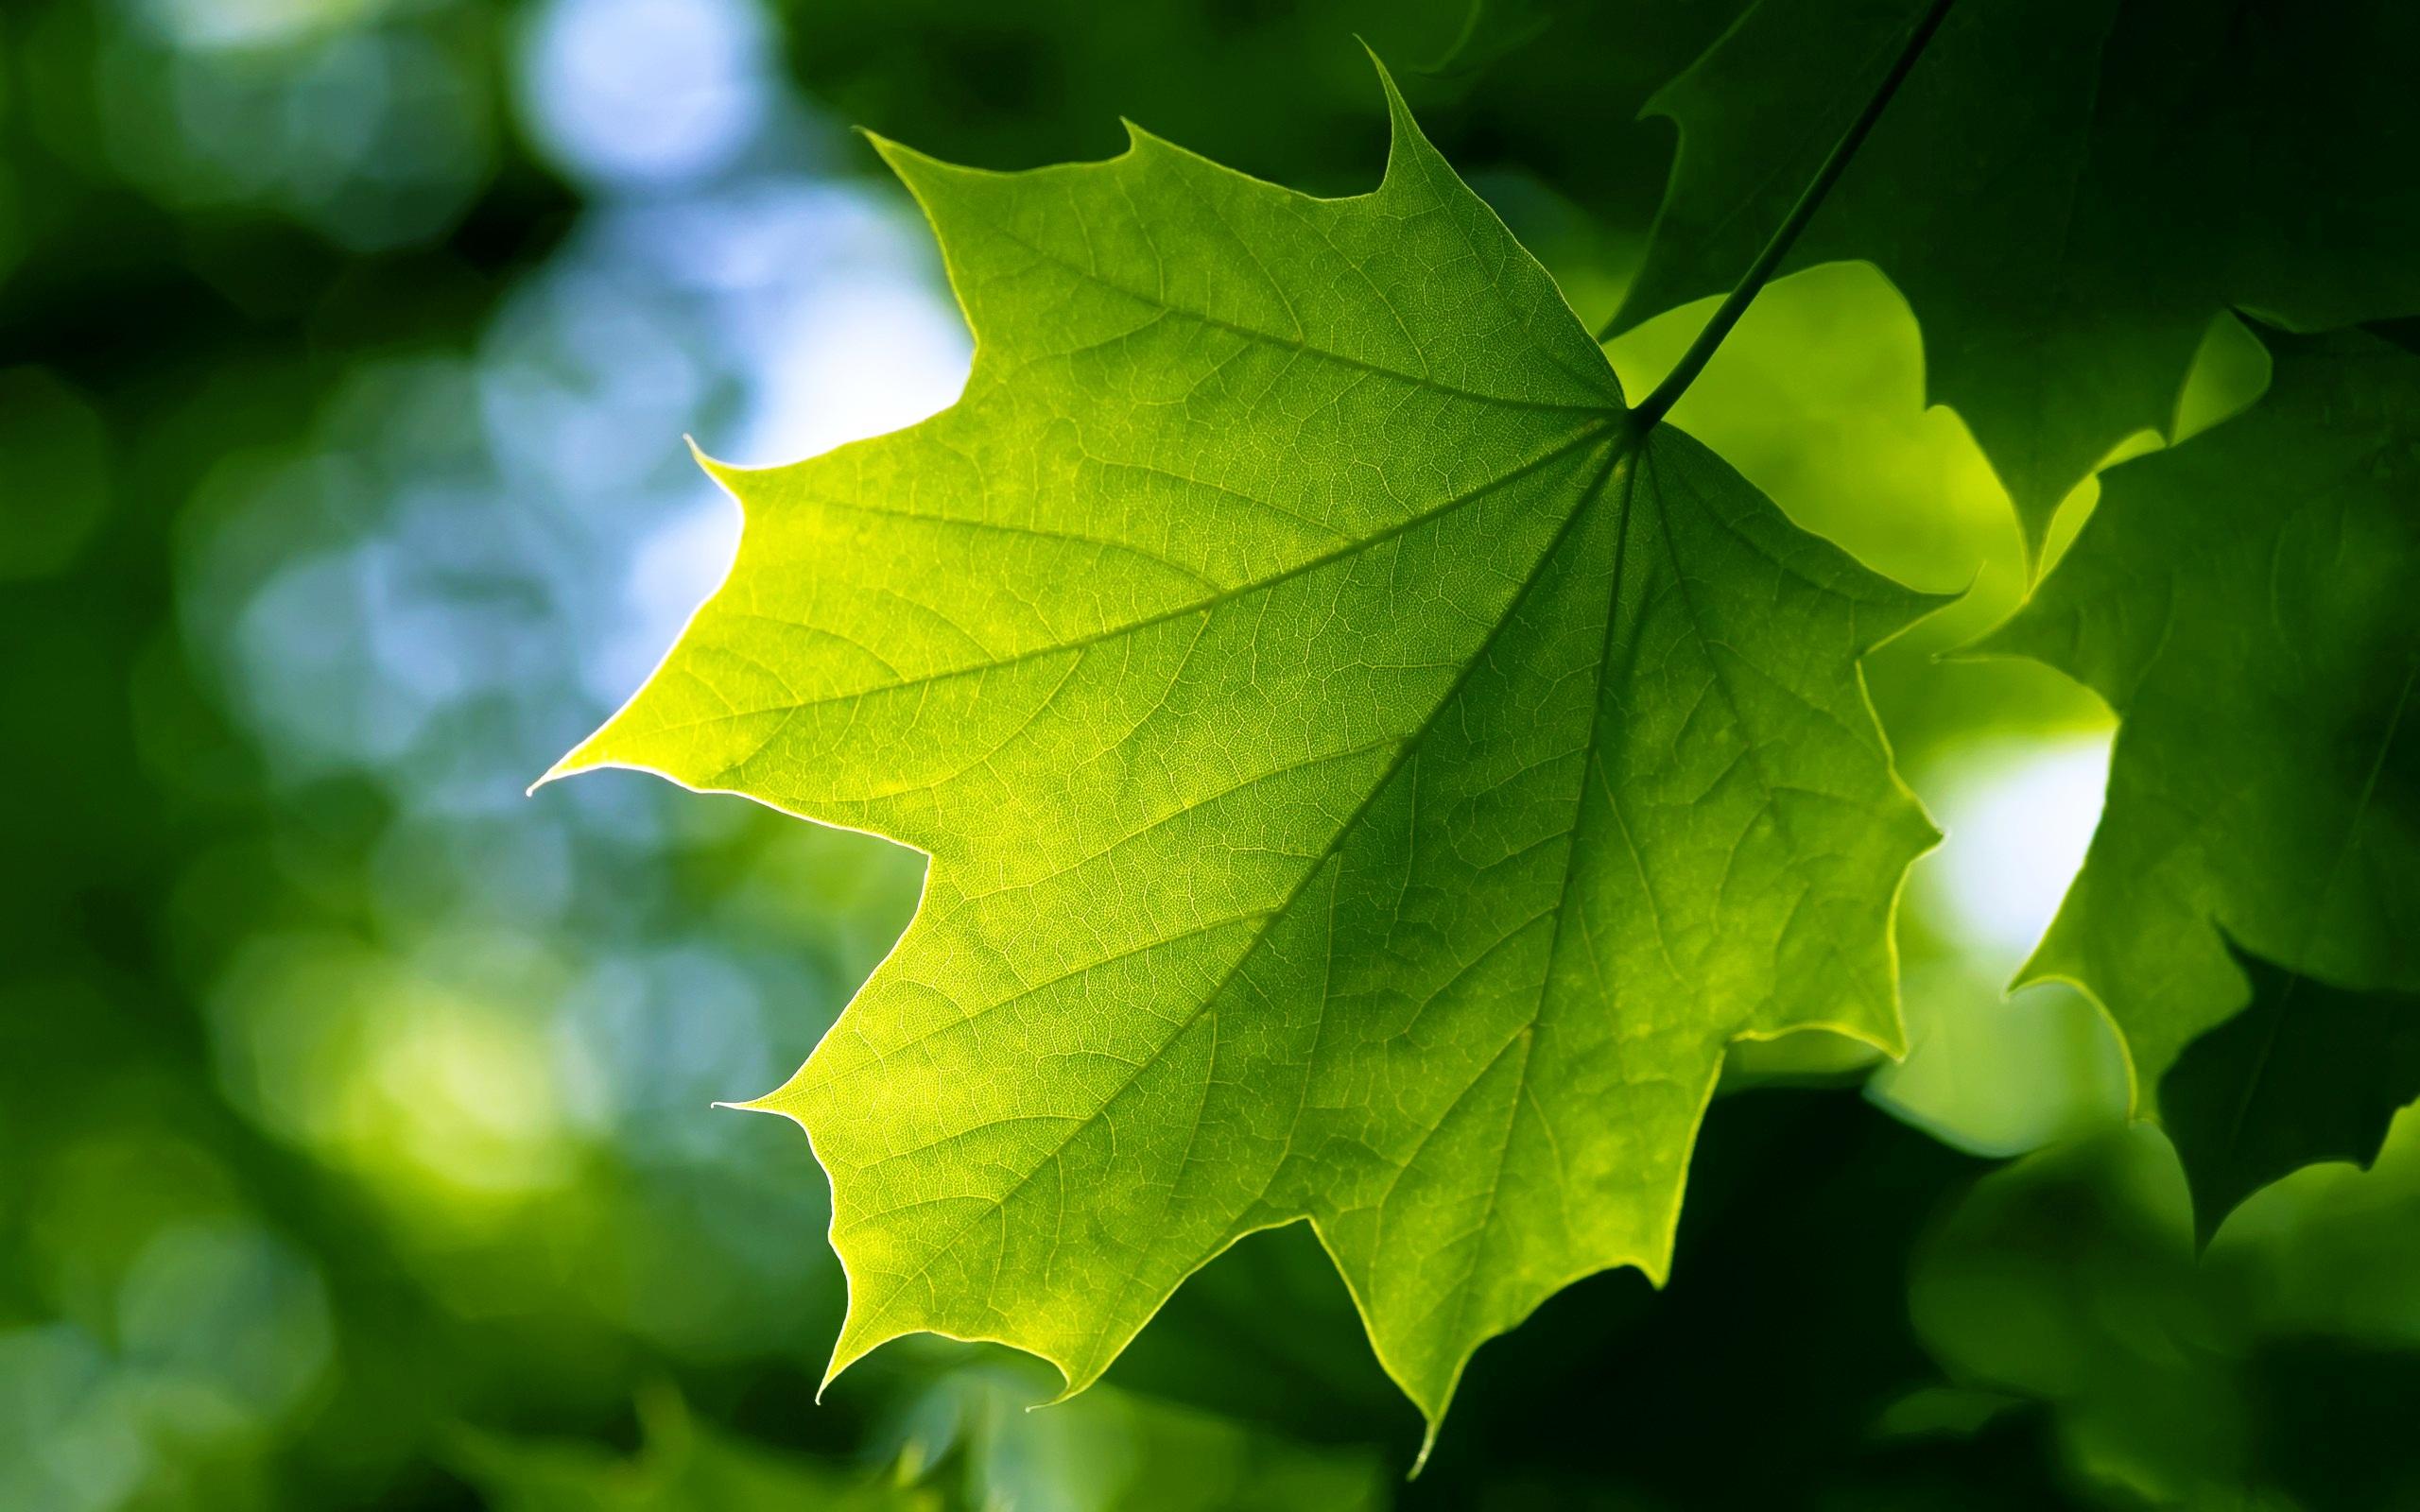 leaf-wallpaper-6